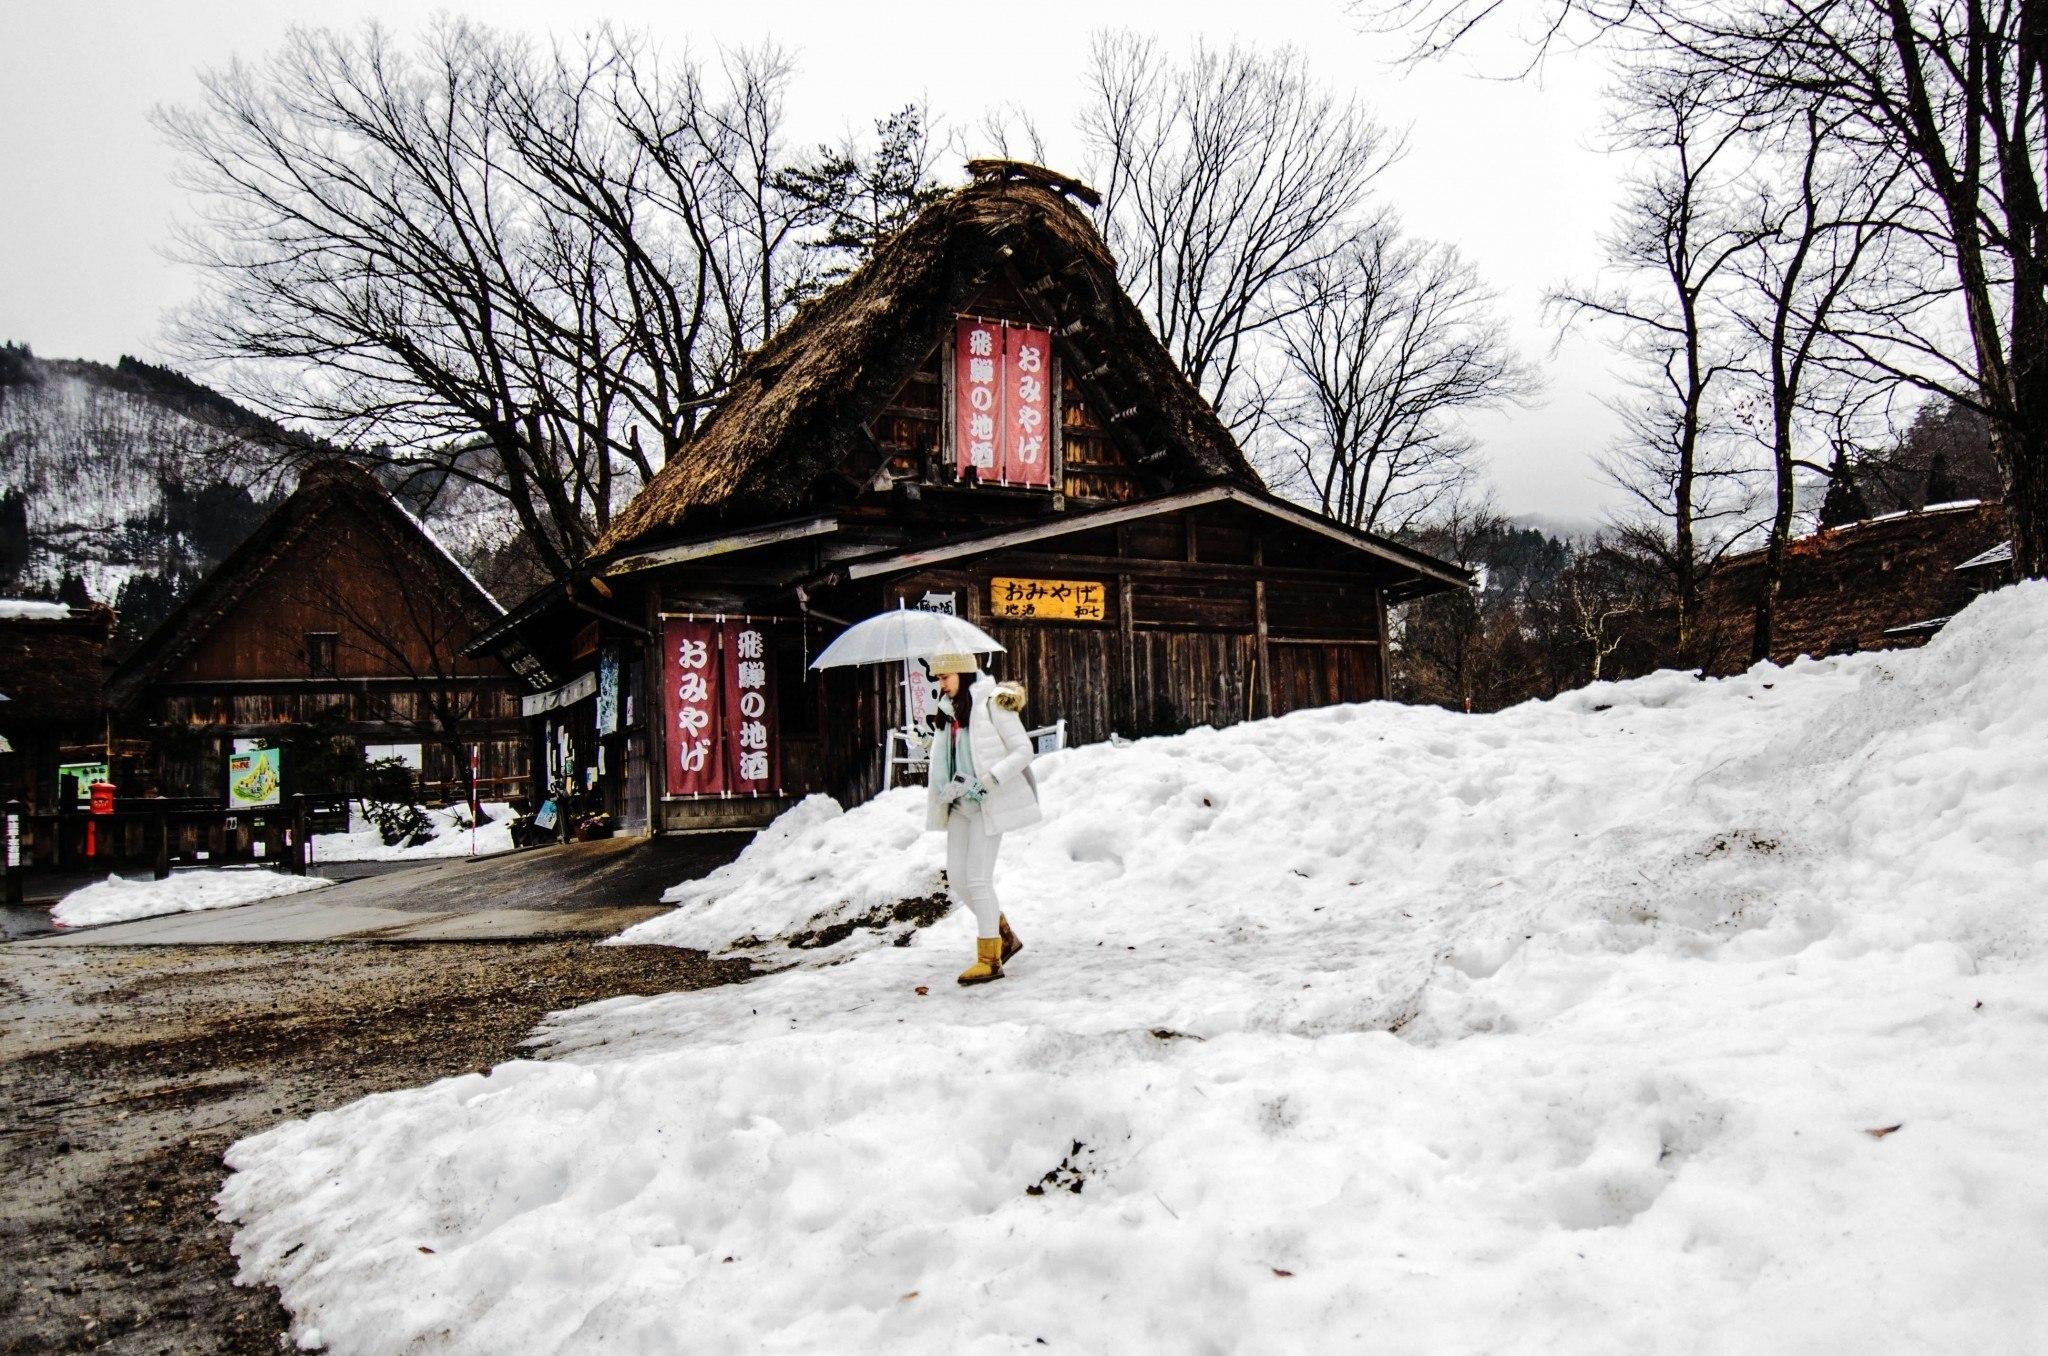 A Shirakawa-go i caratteri latini non compaiono neanche sull'ufficio turistico: ma a noi il Giappone piace anche per questo!